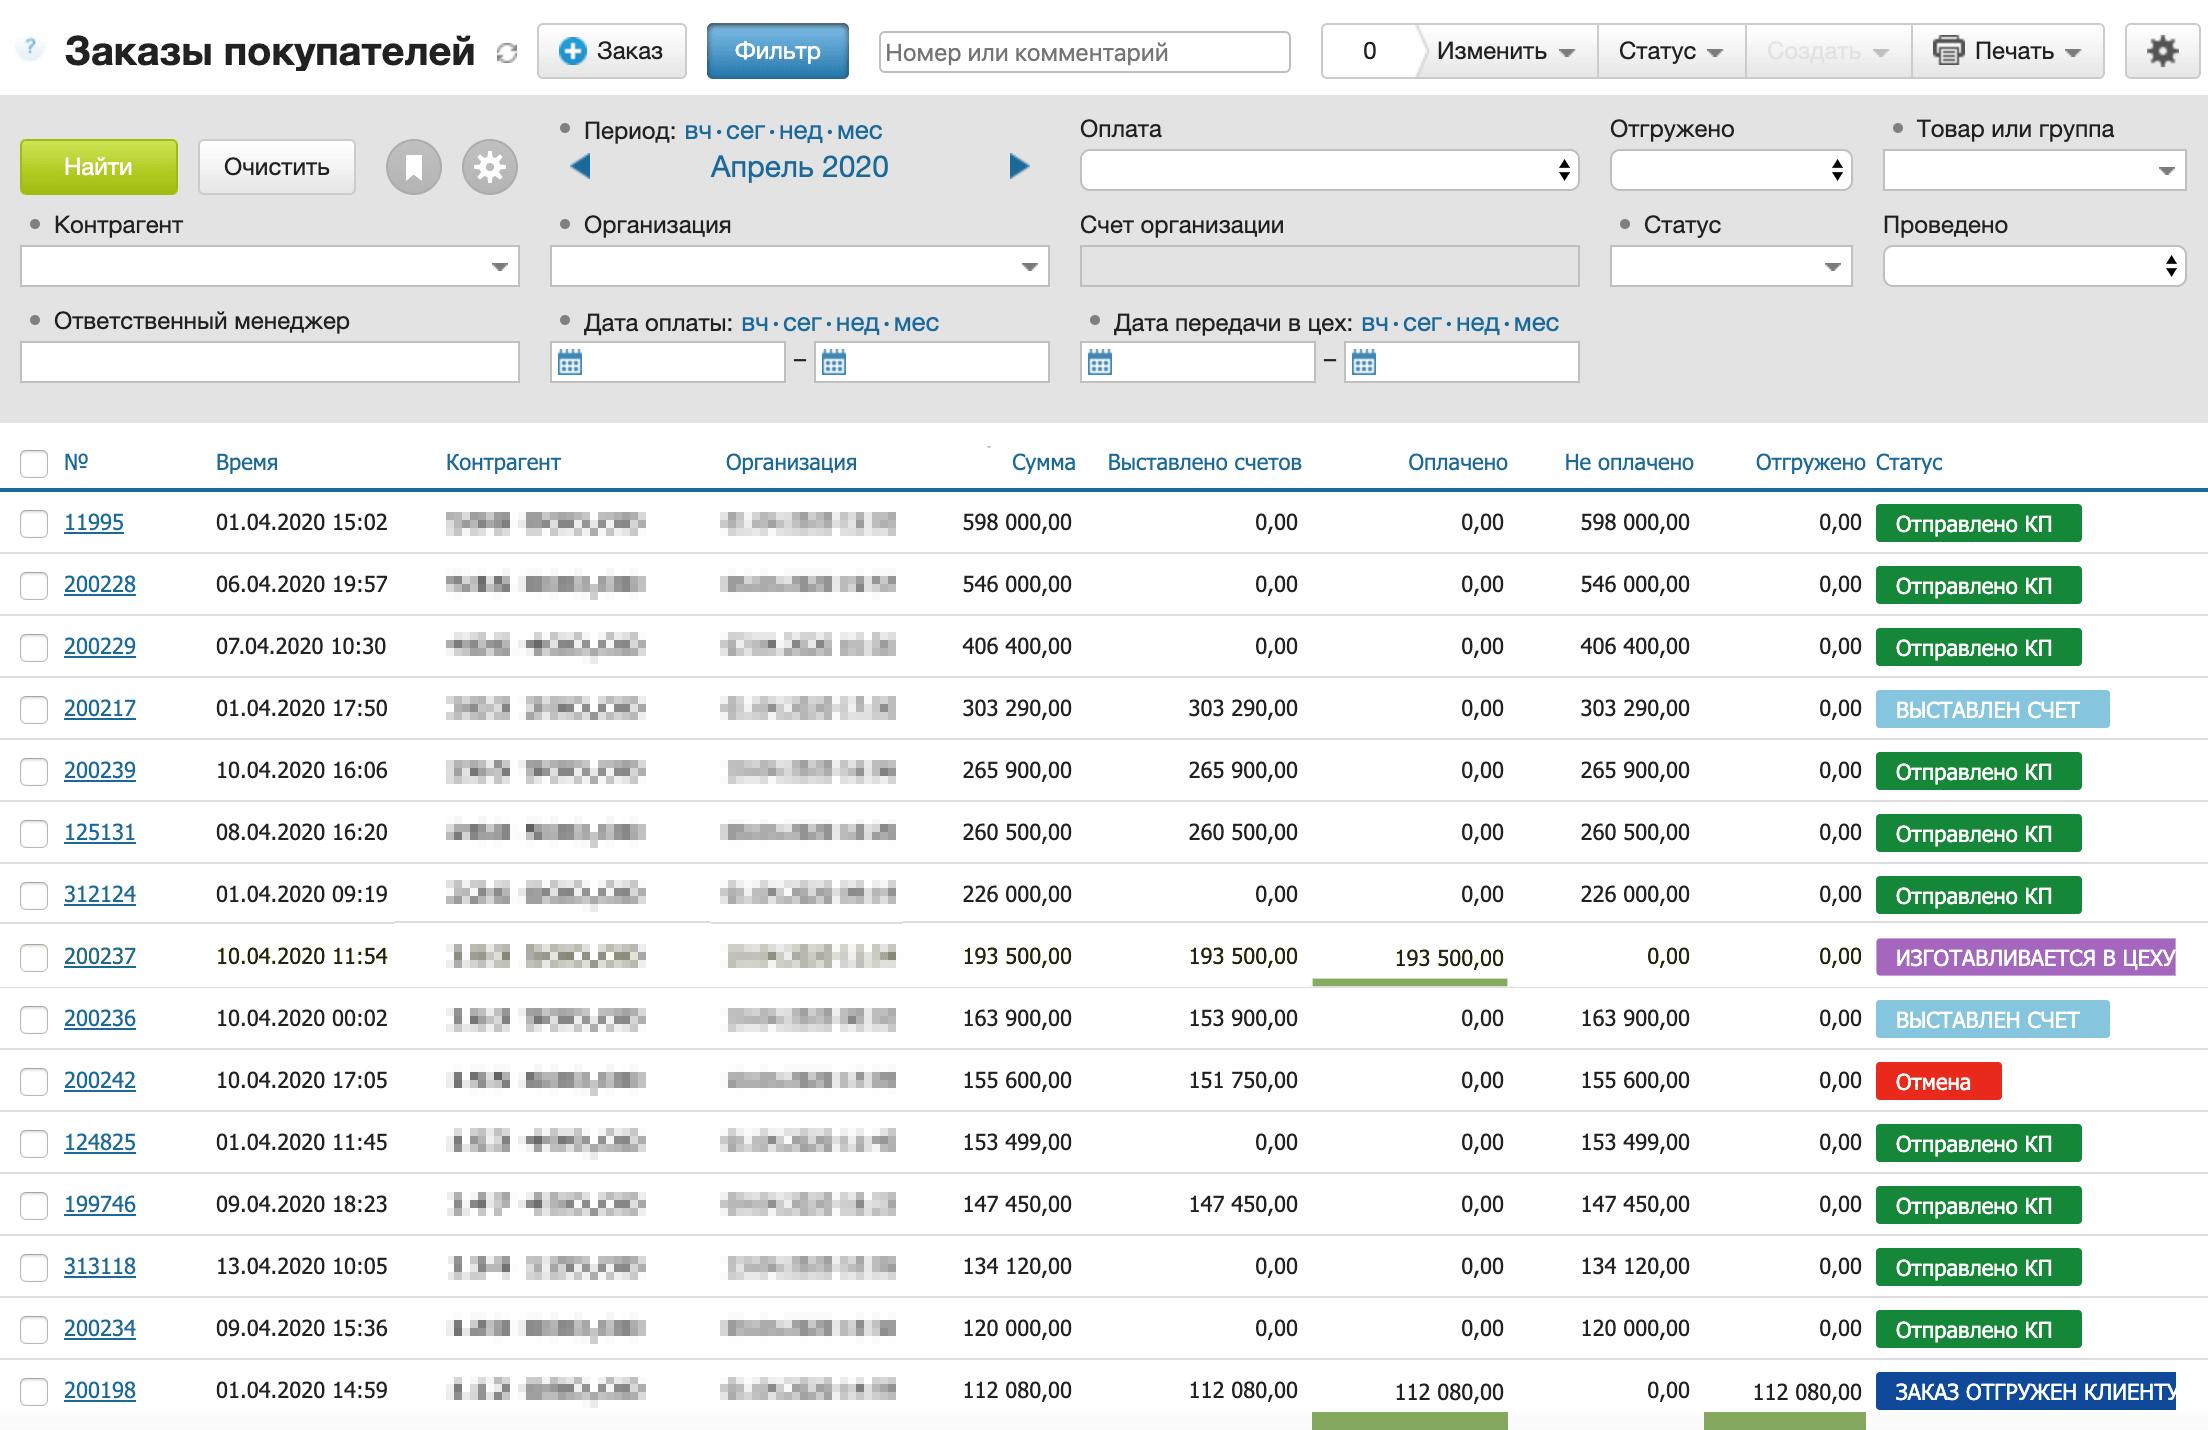 CRM показывает в реальном времени, как у нас дела и что нужно сделать. Продавцы выставляют счет из CRM, им не нужно обращаться к бухгалтеру или ехать в офис. Снабжение видит оплаченные заказы и закупает подних материалы, тамже выставляет счета поставщикам, а бухгалтер их оплачивает. Информация об оплатах ежедневно синхронизируется с банком